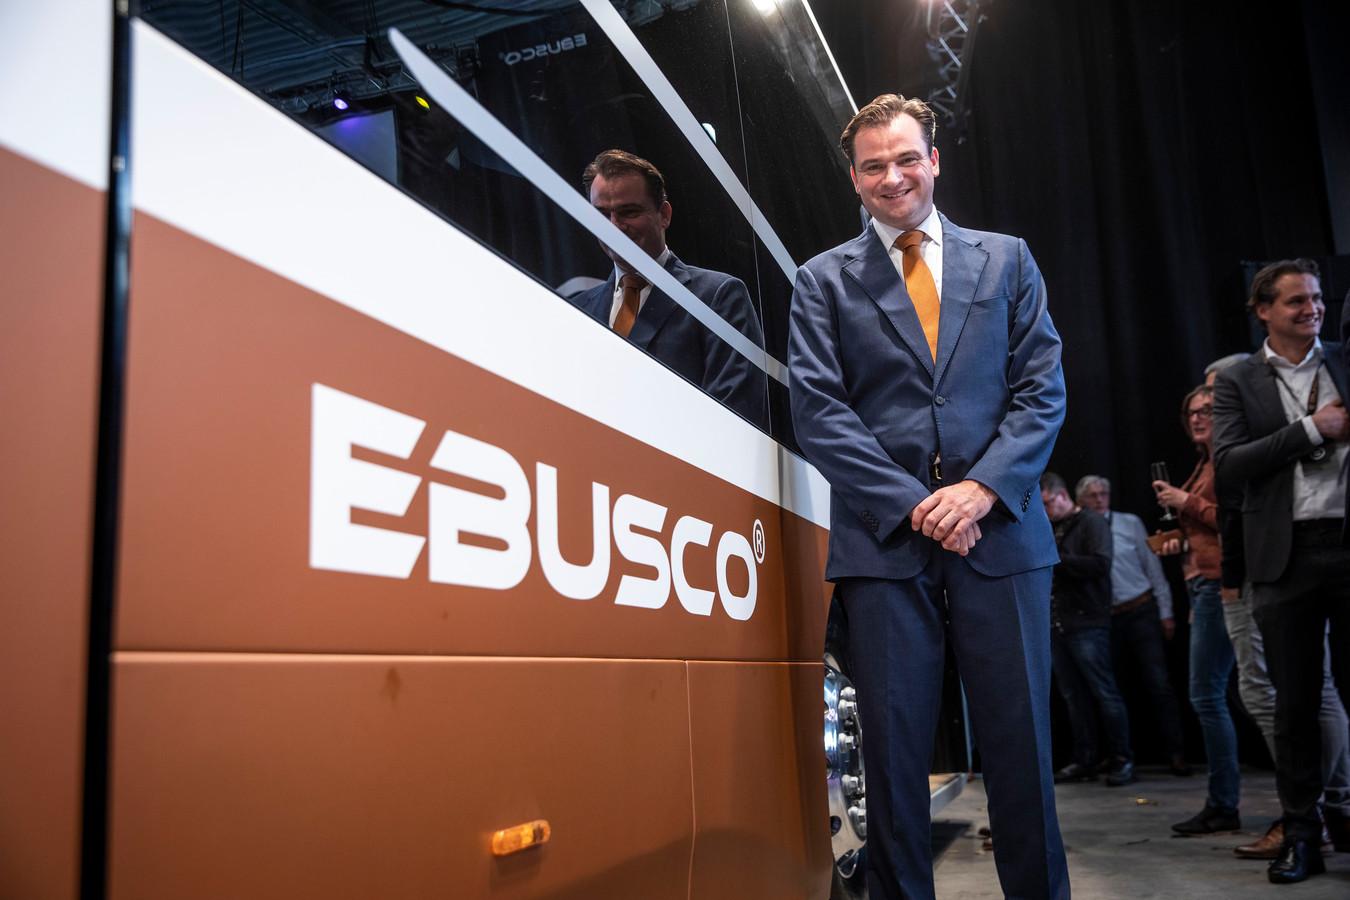 Peter Bijvelds tijdens de onthulling van de nieuwe kunststofbus van Ebusco in 2019